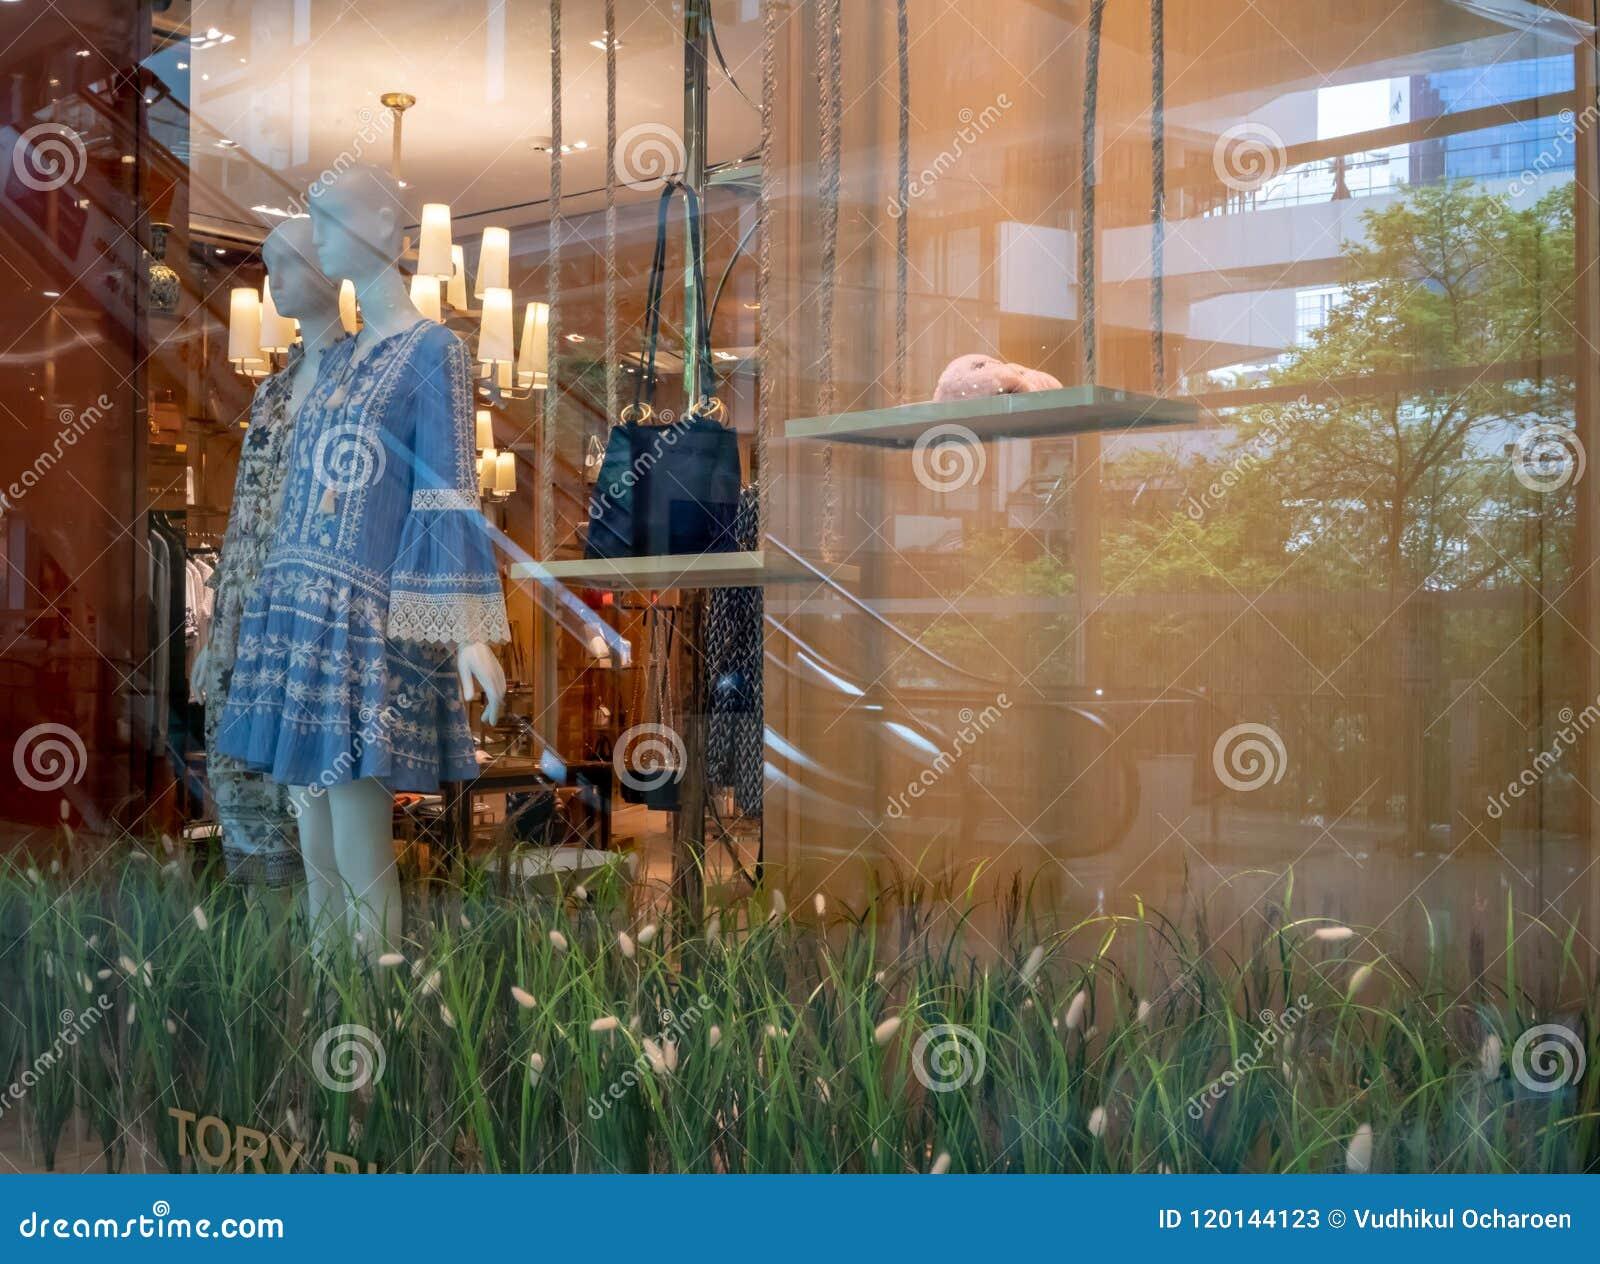 b00144d28074 Tory Burch Shop At Emquatier